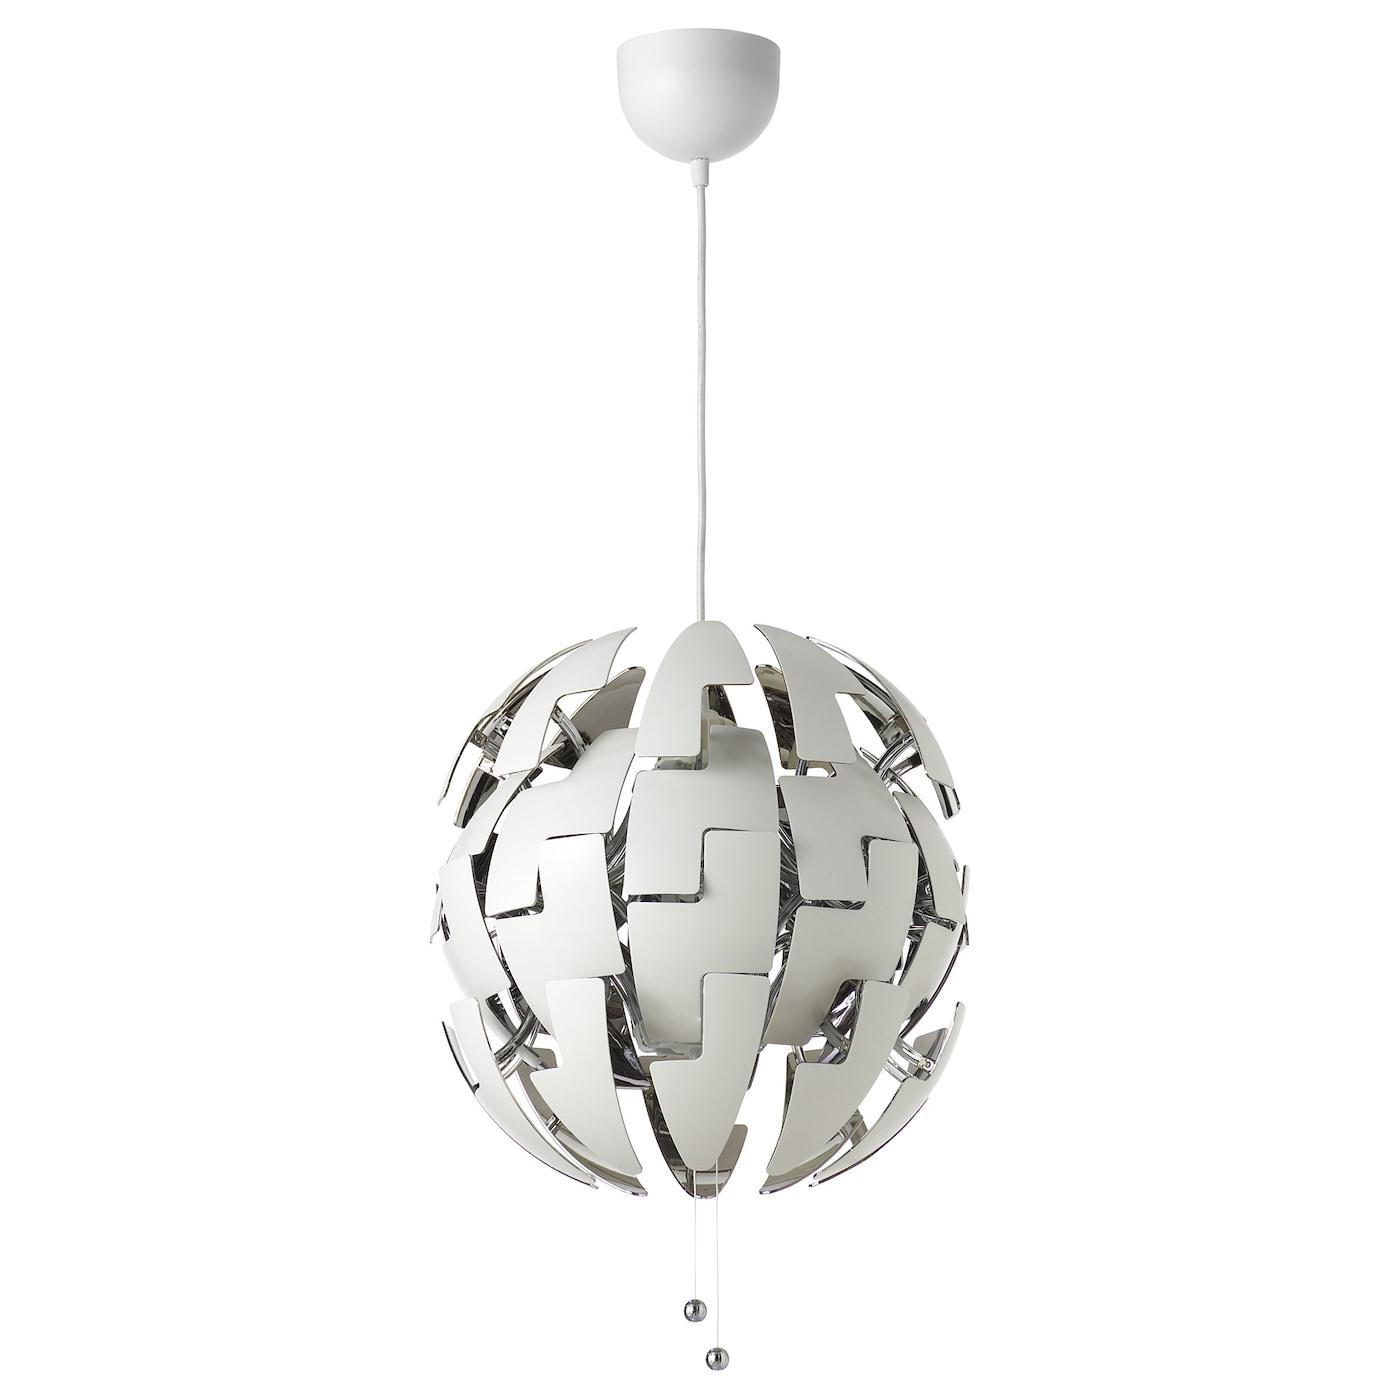 Full Size of Wohnzimmer Lampe Stehend Ikea Lampen Von Leuchten Decke Ps 2014 Teppich Sideboard Indirekte Beleuchtung Großes Bild Deckenlampen Für Bogenlampe Esstisch Wohnzimmer Wohnzimmer Lampe Stehend